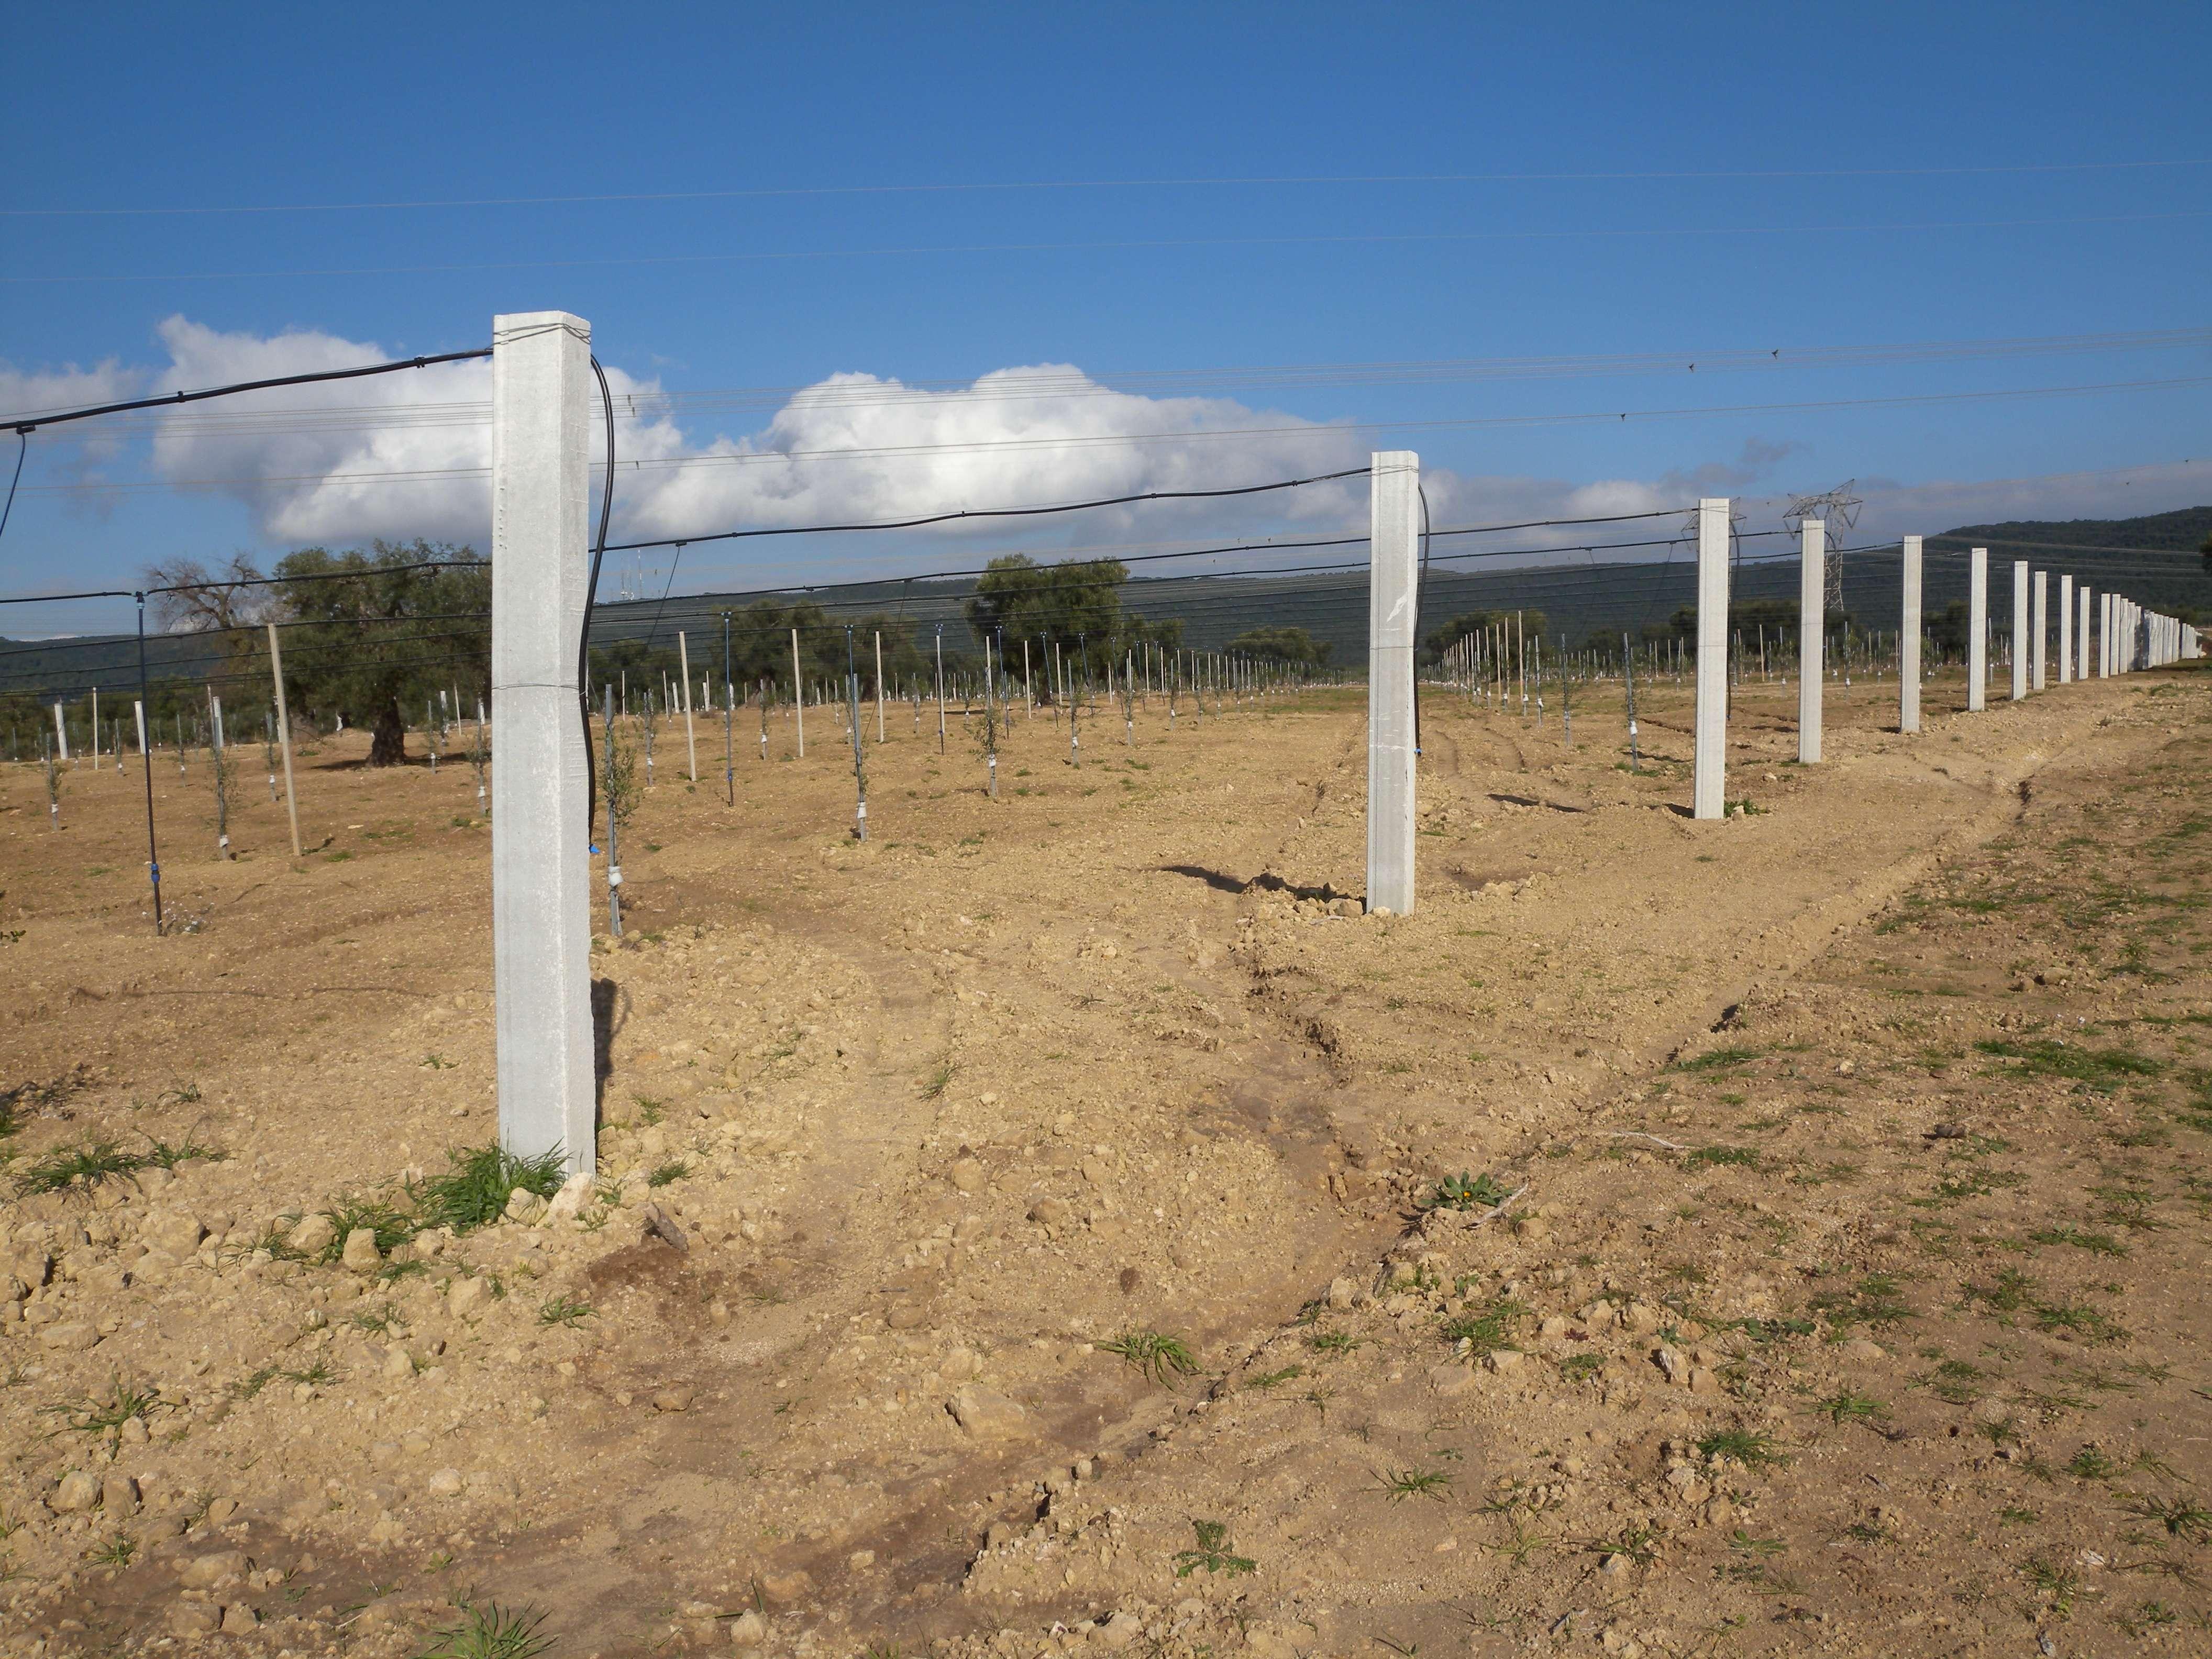 campo con ulivi e travi bianche